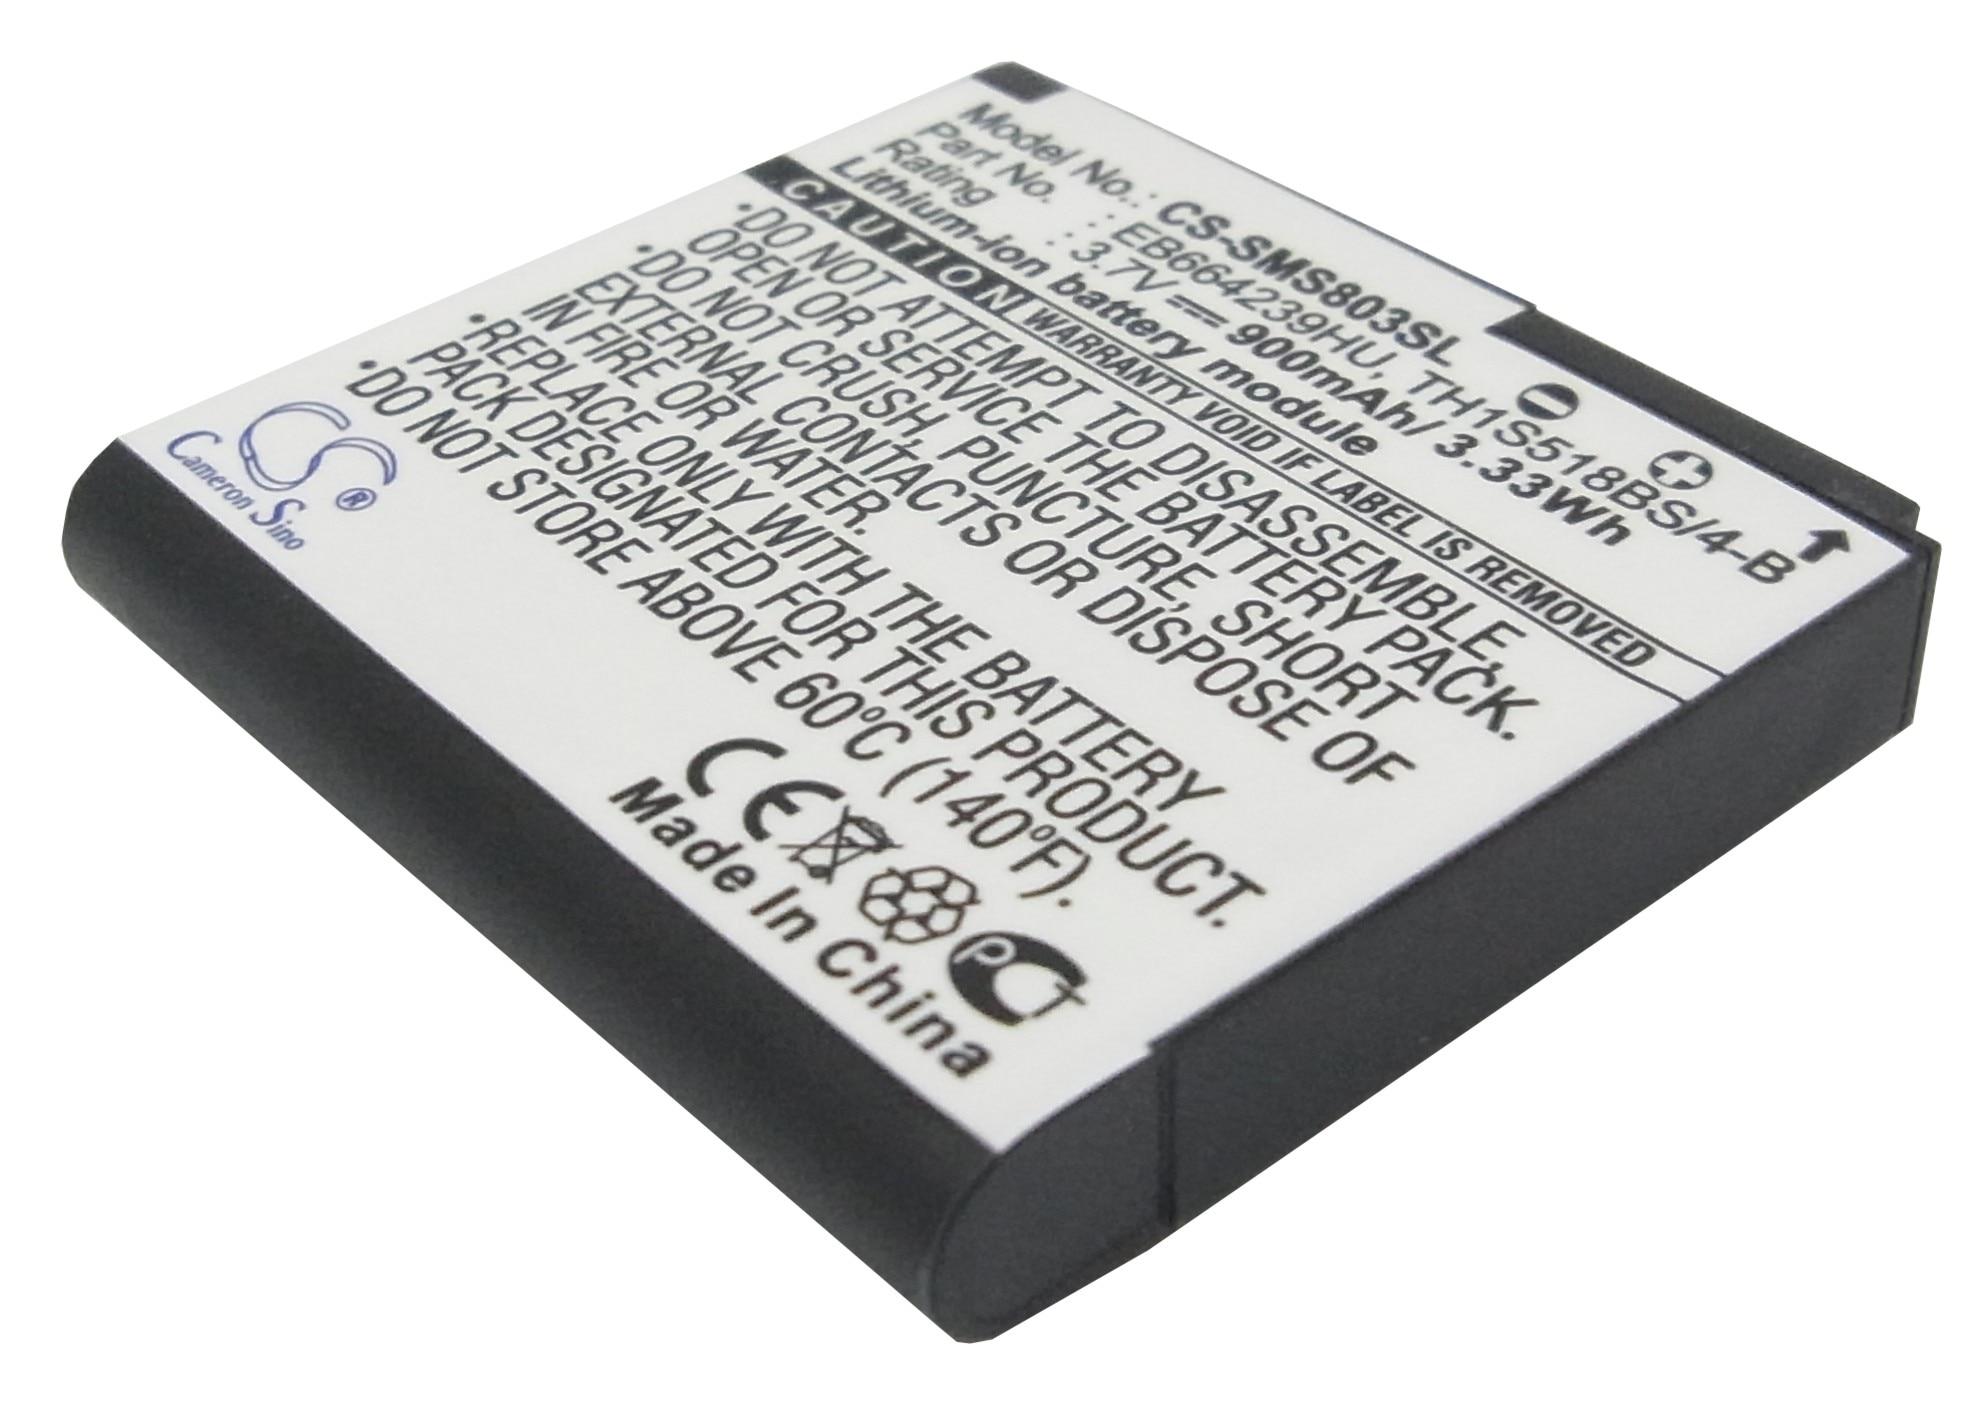 2020 actualización Cameron Sino para Samsung GT-S7550... GT-S8000... GT-S8000 Jet GT-S8000 Jet cúbicos... GT-S8000H... M8000 la realidad... S7550... S8000